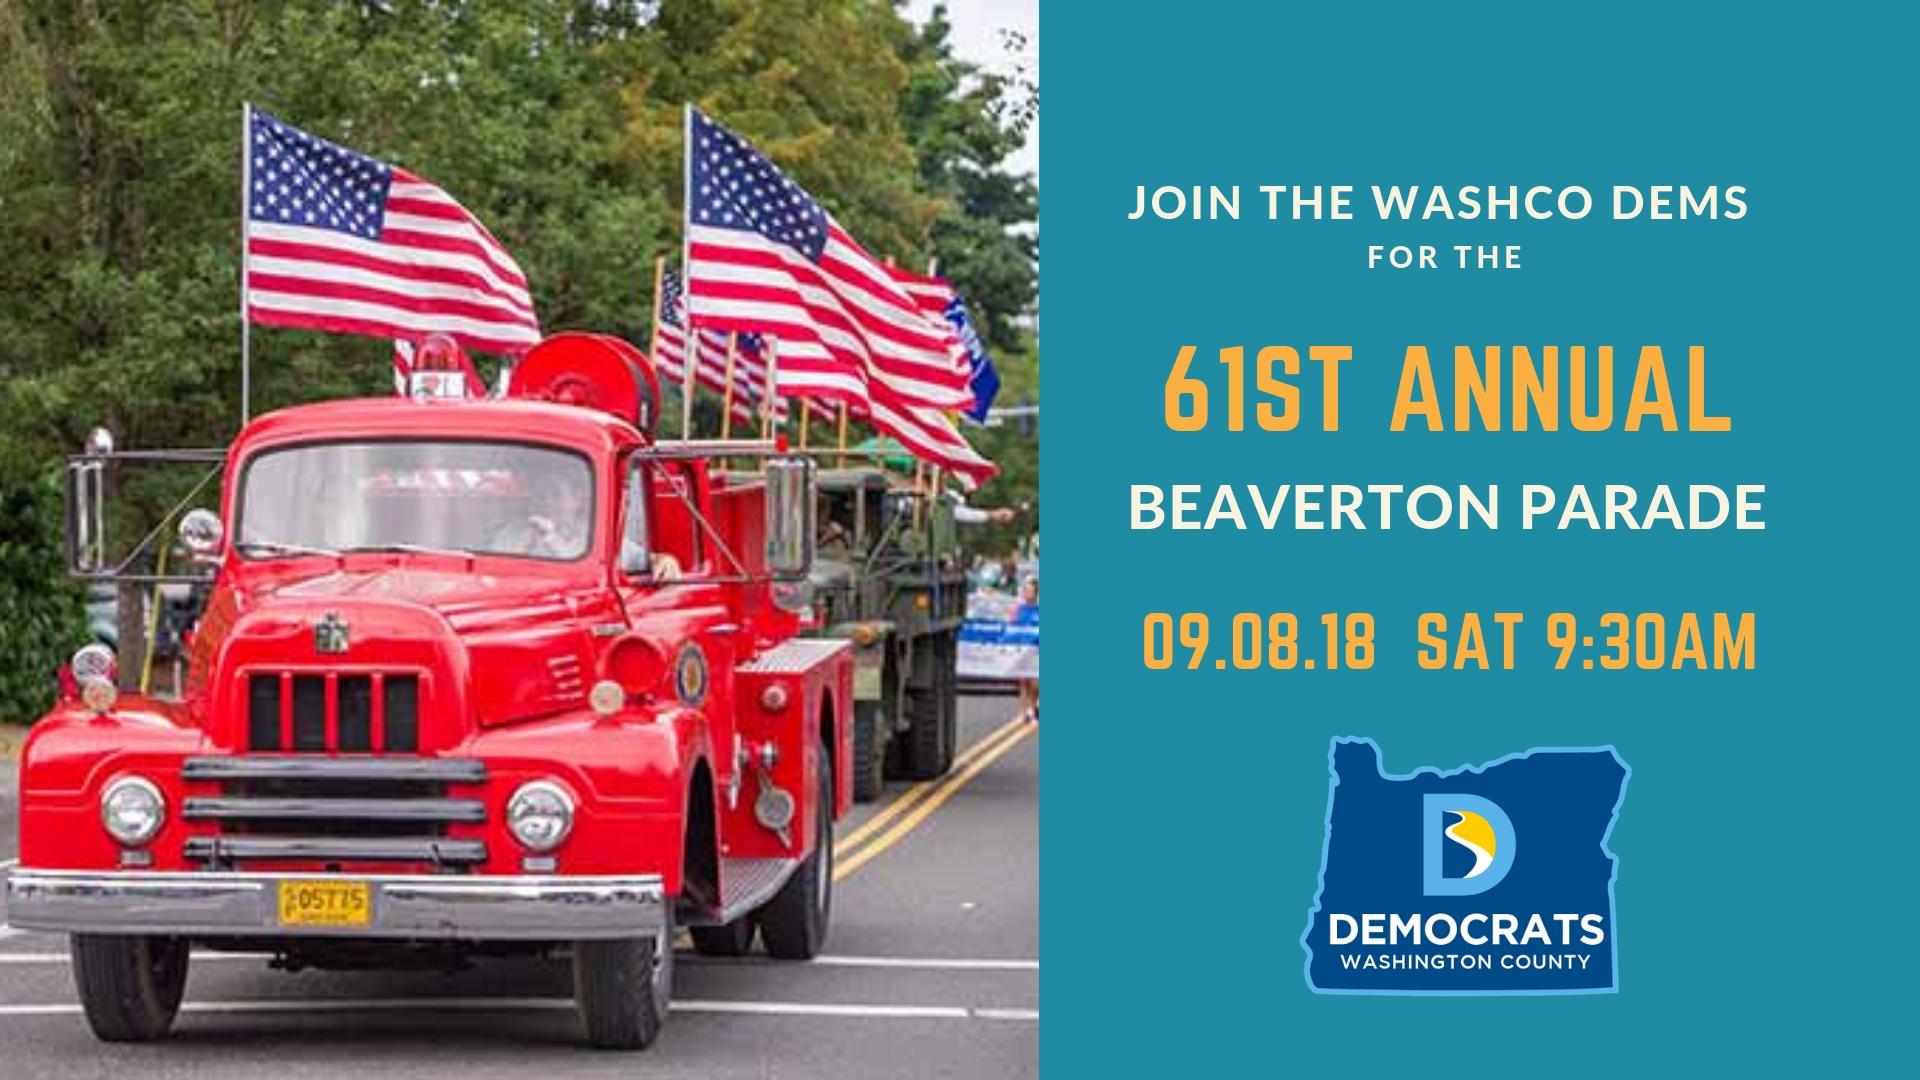 WashCo Dems at the Beaverton Parade 2018